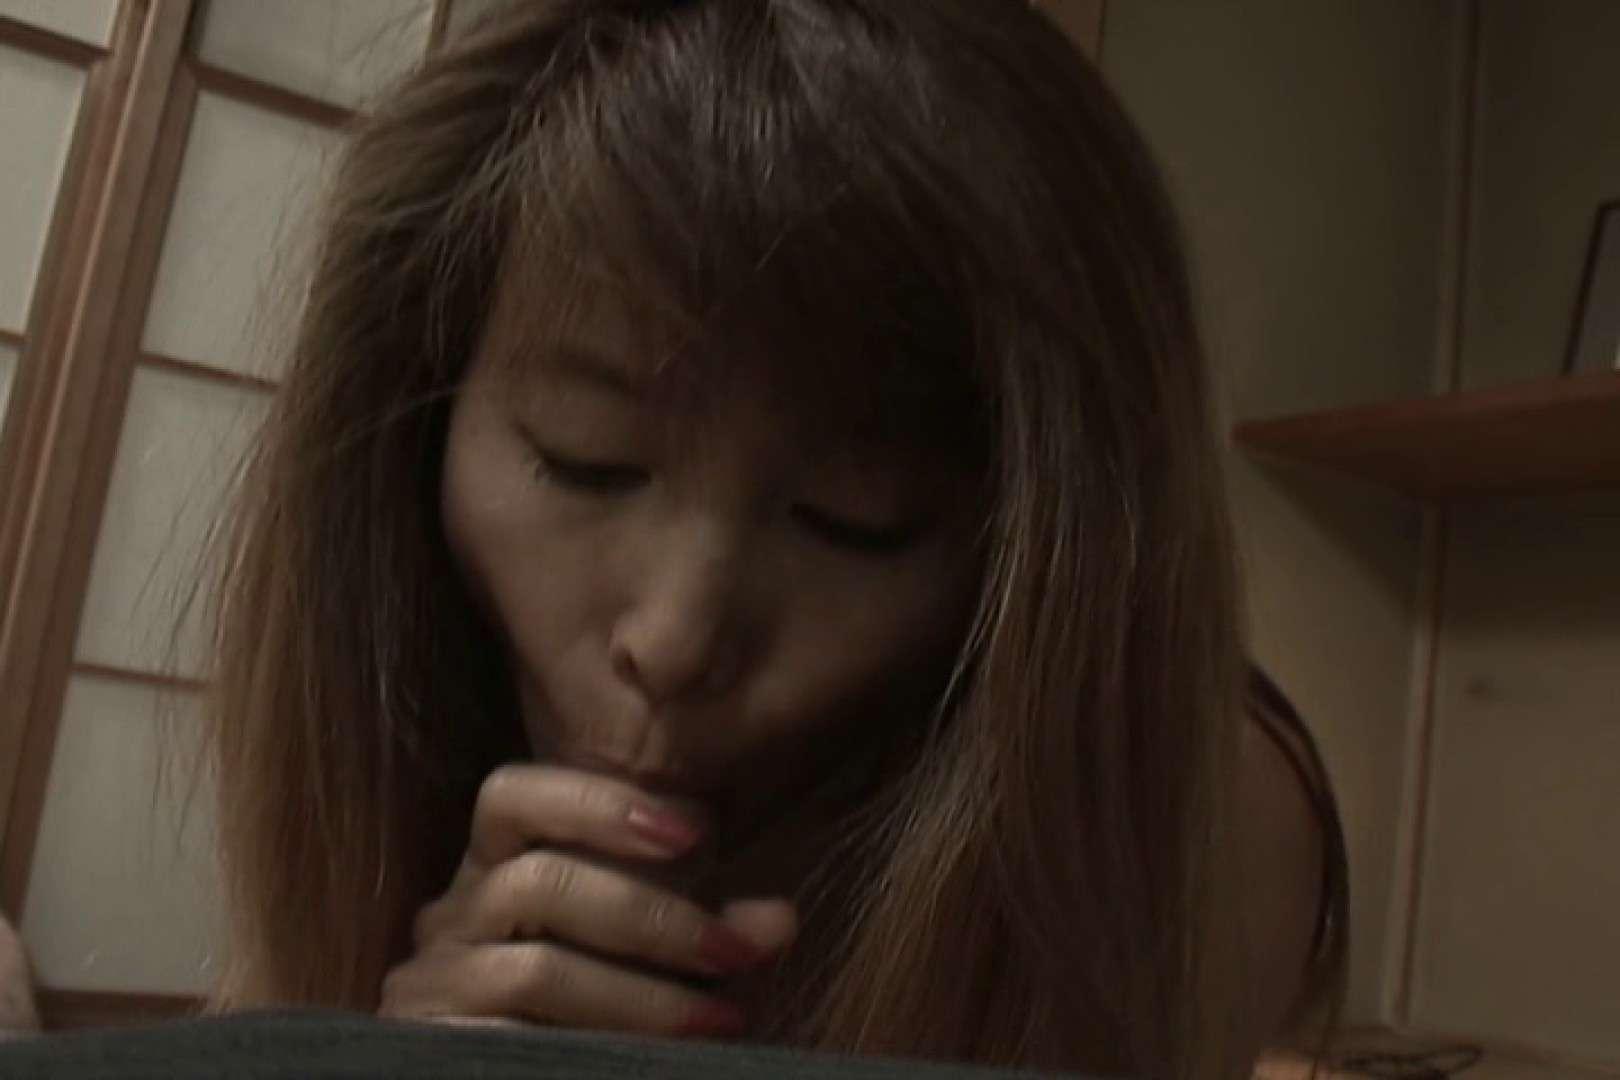 Aカップ奥様はまたがるのが大好き~森山ゆきこ~ SEX映像 隠し撮りオマンコ動画紹介 91連発 2